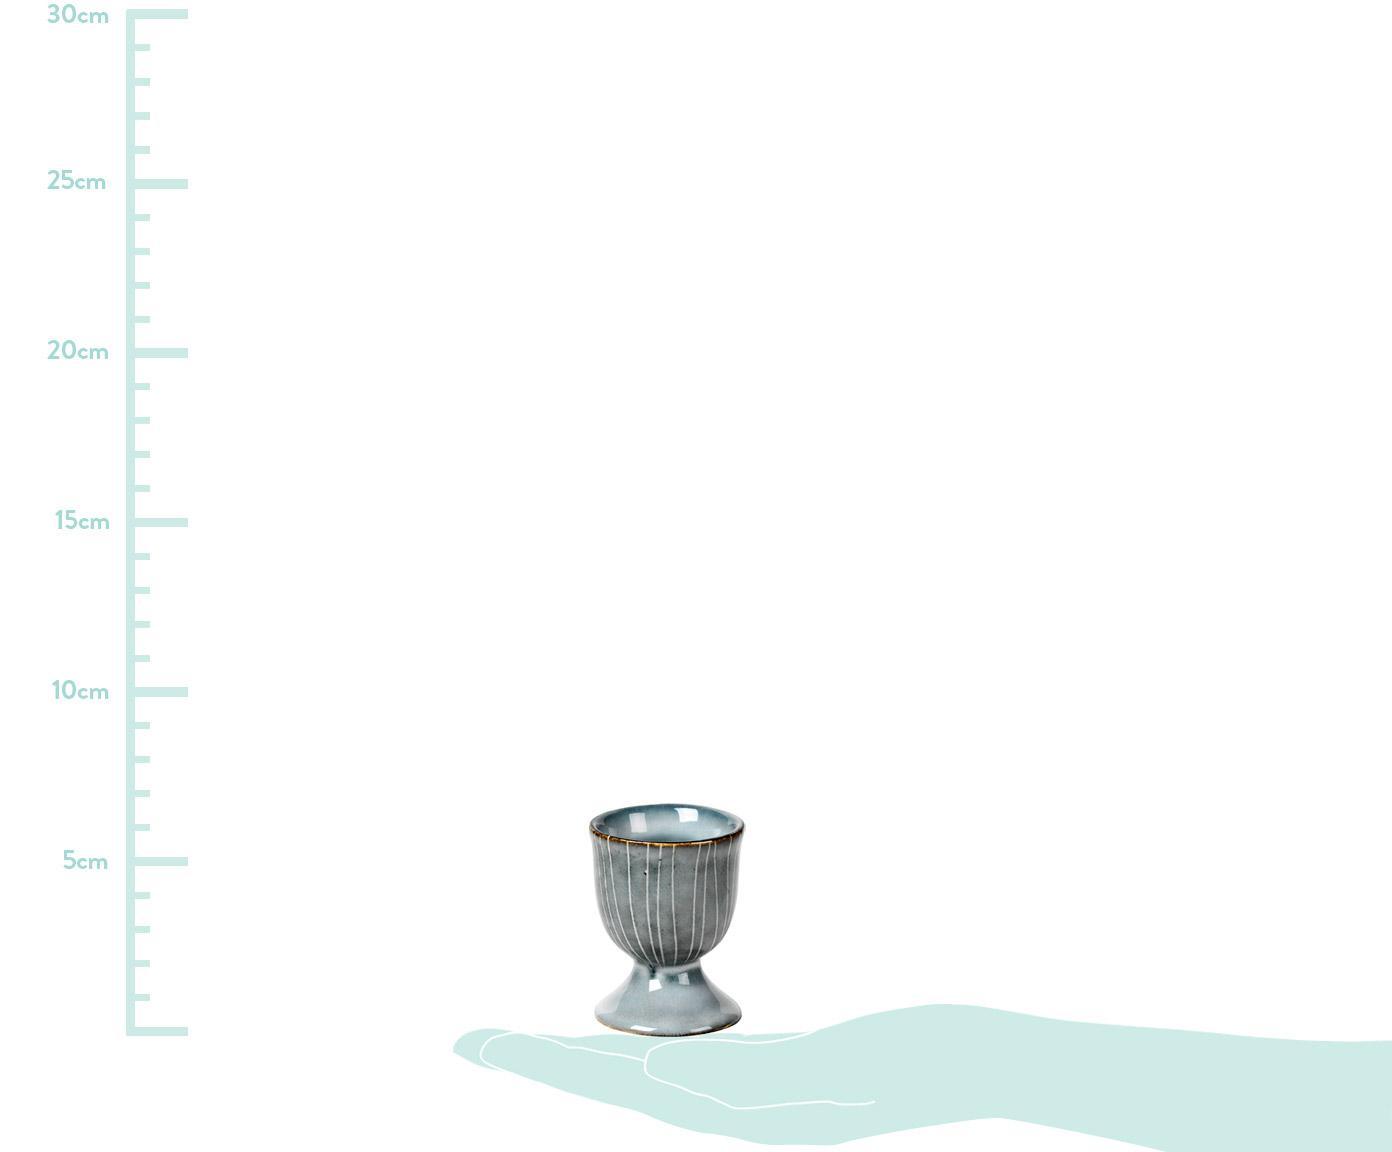 Portauova in terracotta fatto a mano Nordic Sea 2 pz, Terracotta, Grigio e tonalità blu, Ø 5 x Alt. 6 cm